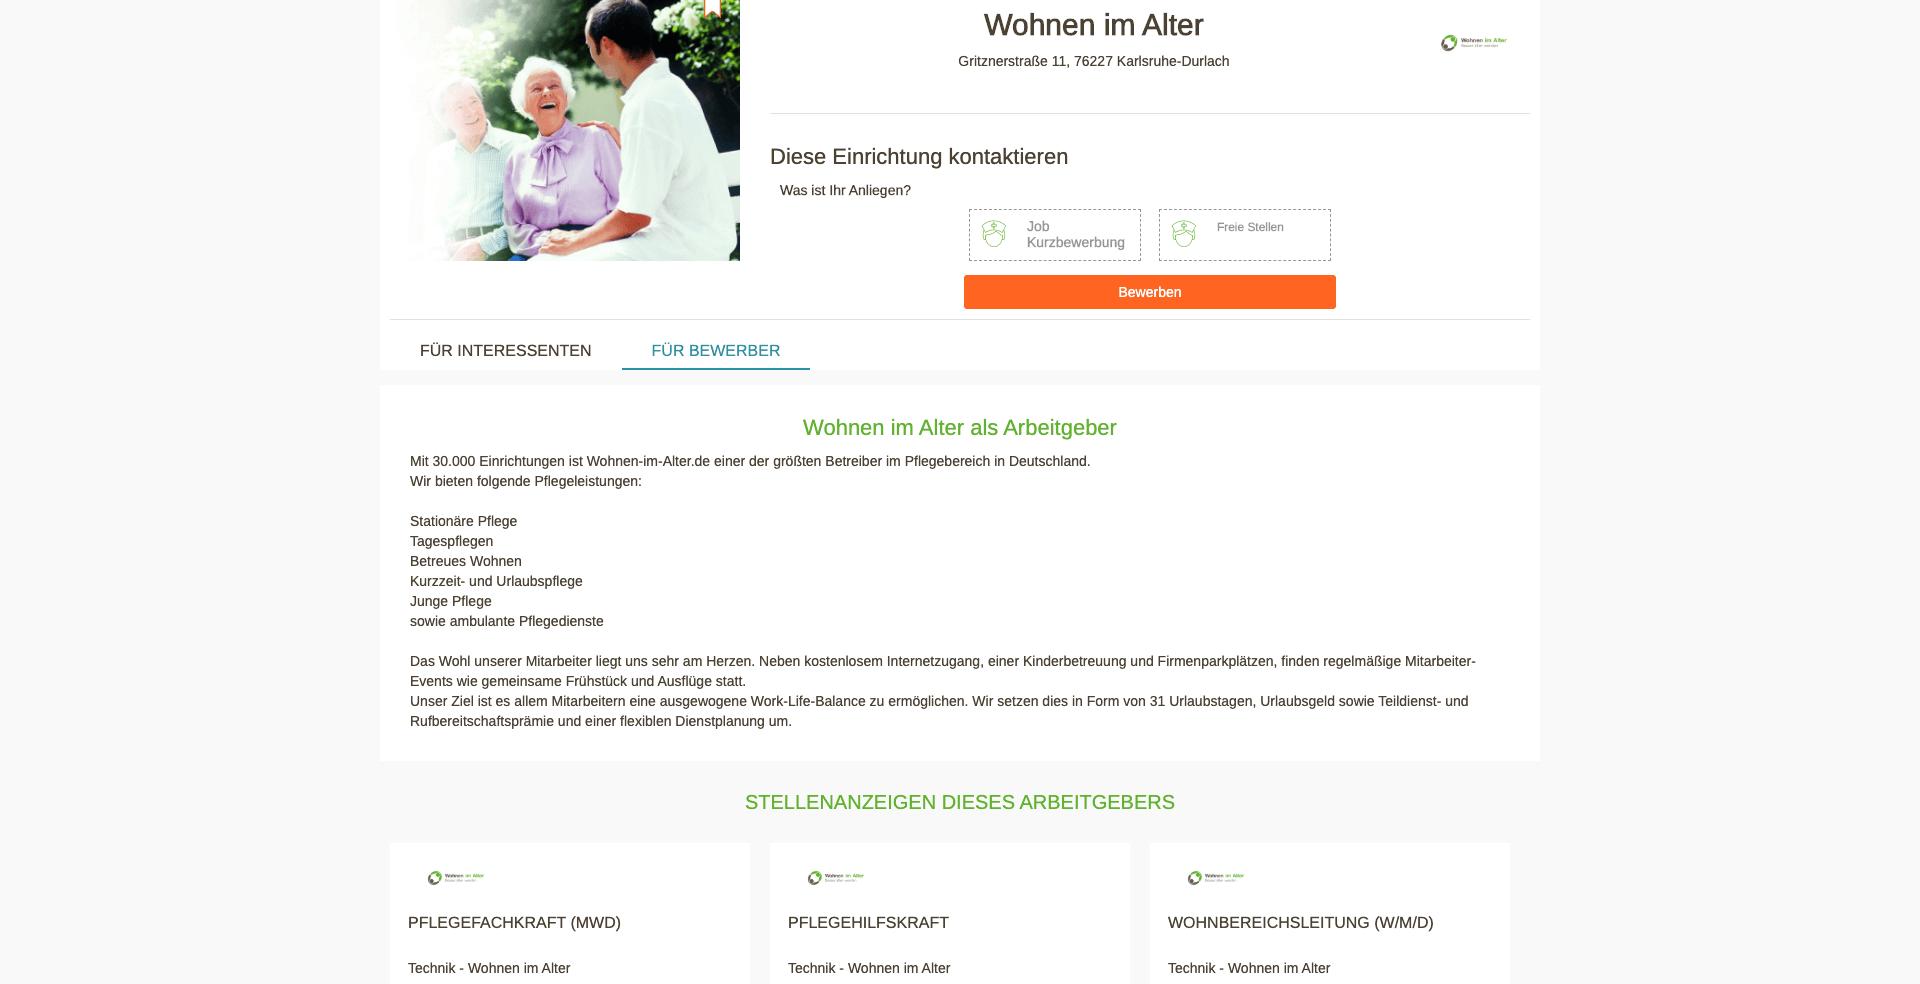 Arbeitgeberprofil auf Wohnen-im-Alter.de